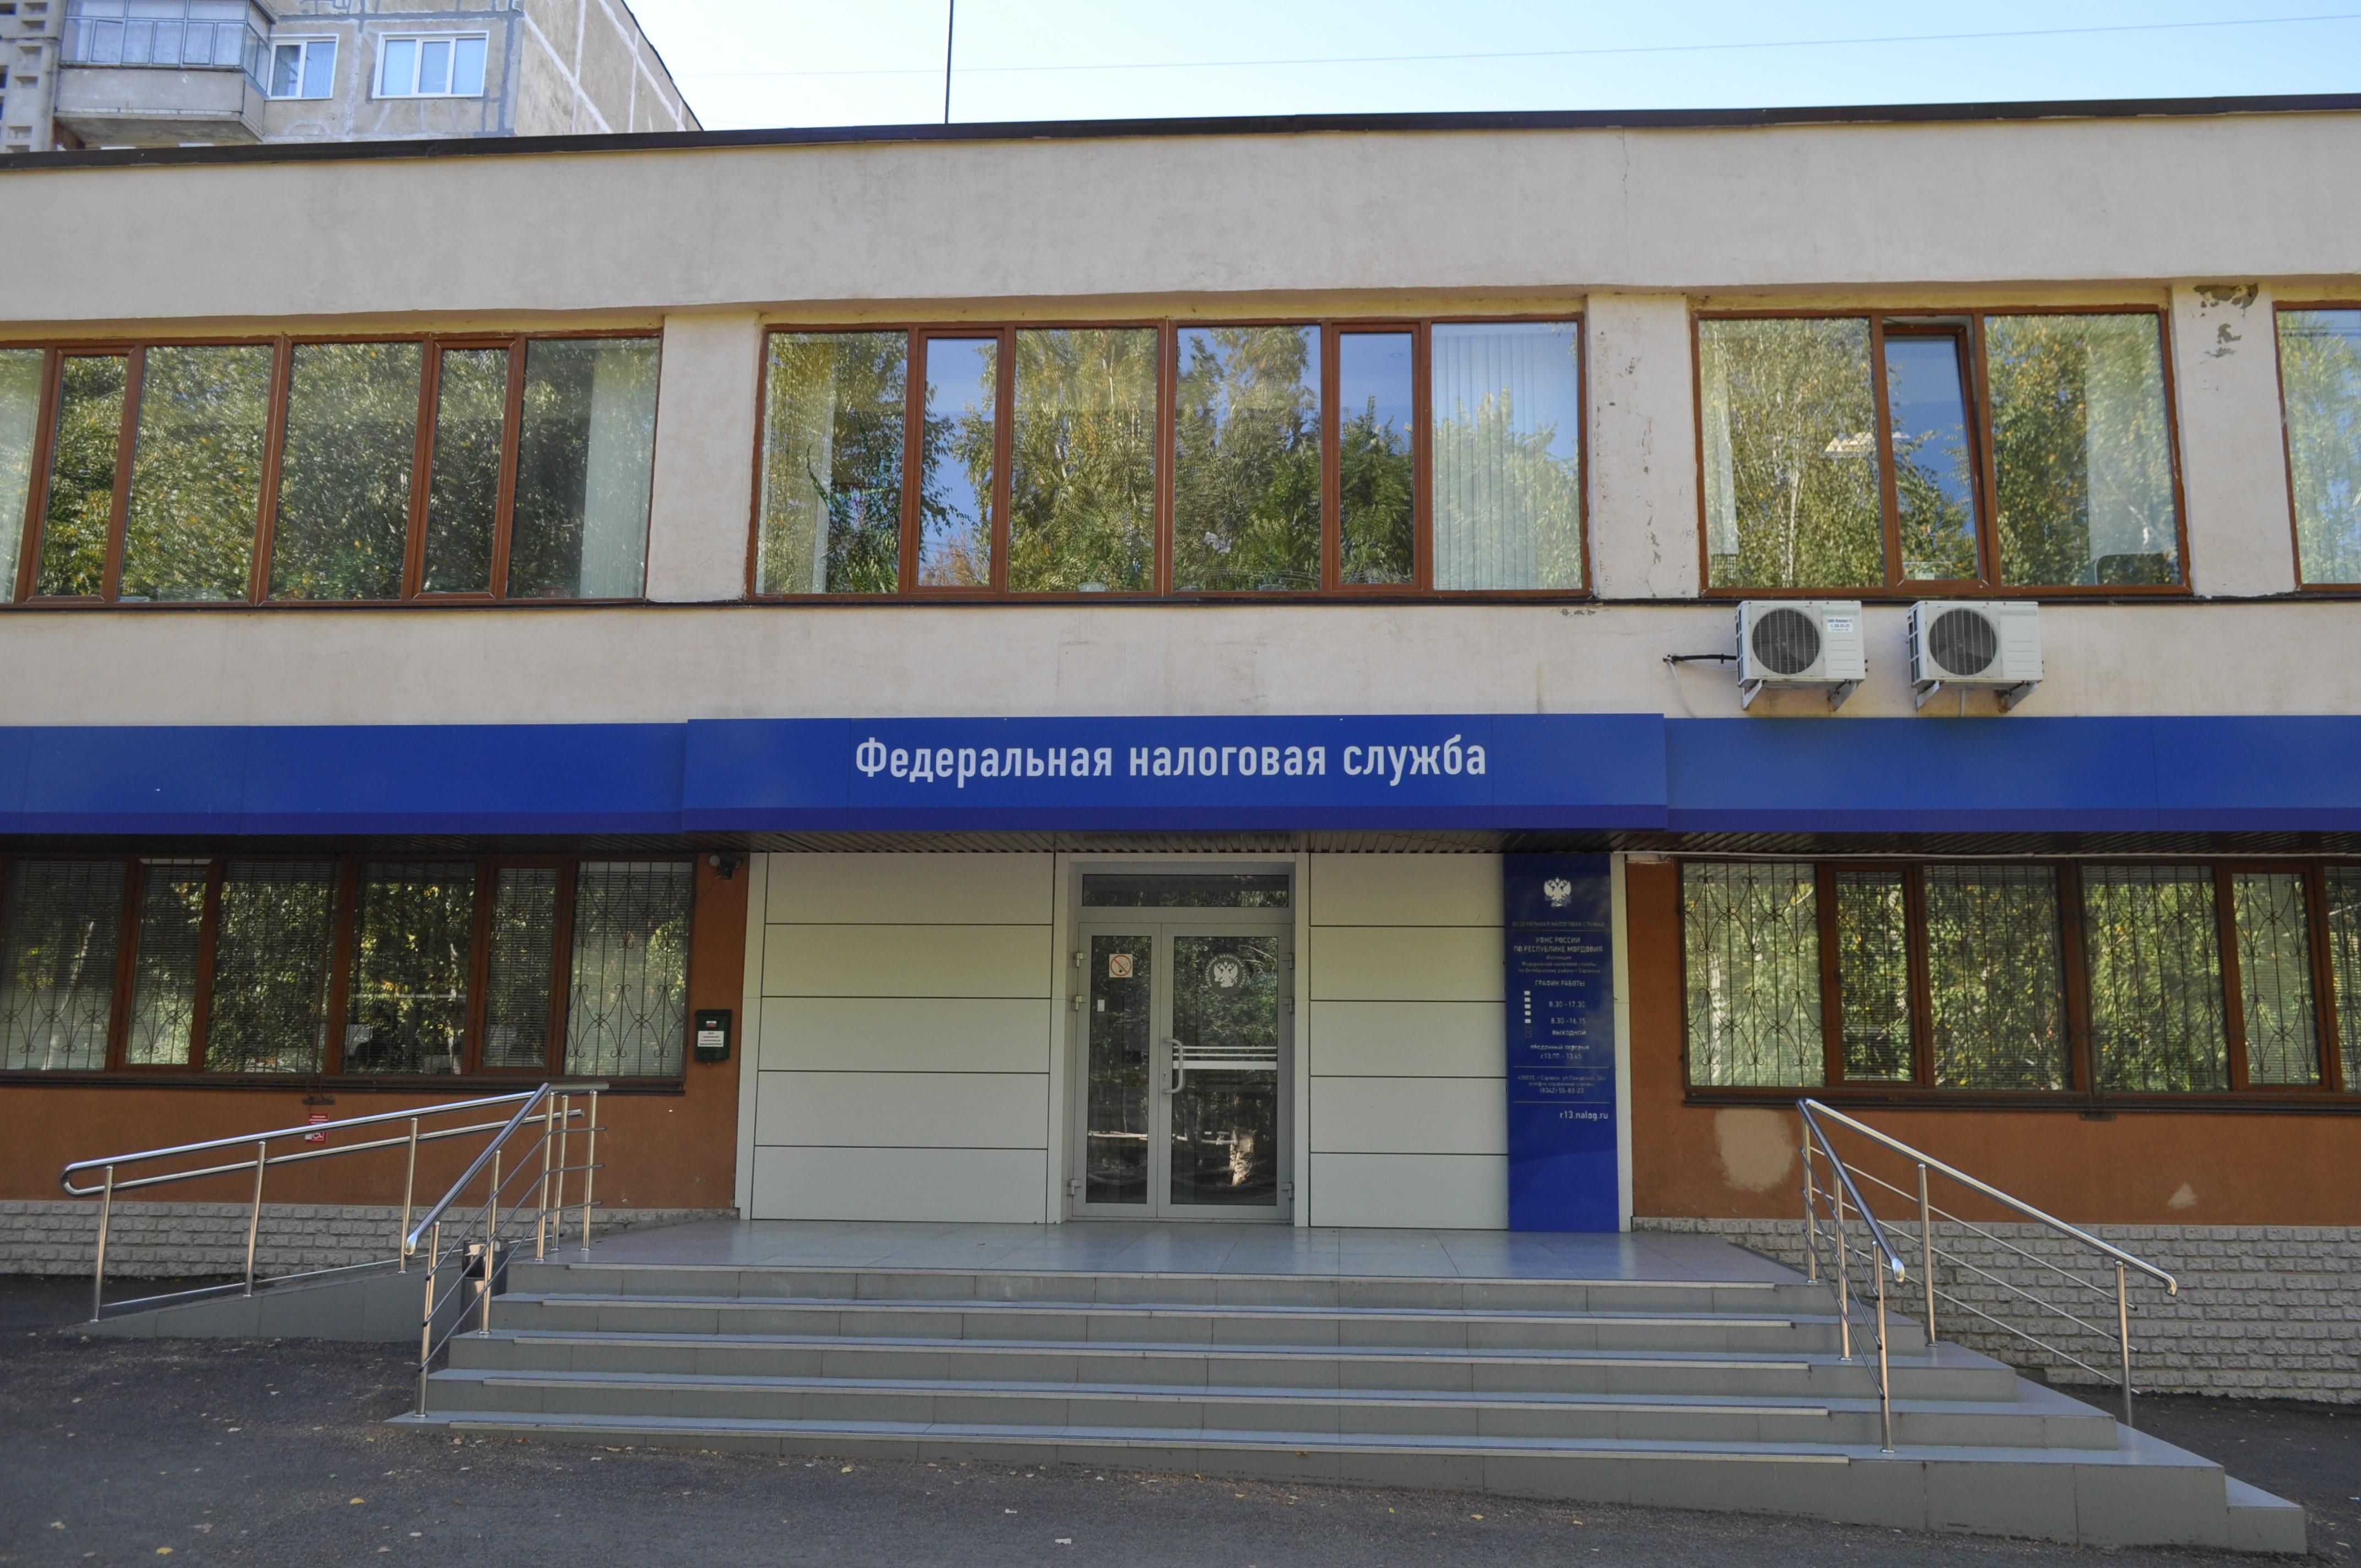 Отдел электронной отчетности октябрьского района регистрация ип бизнес партнер